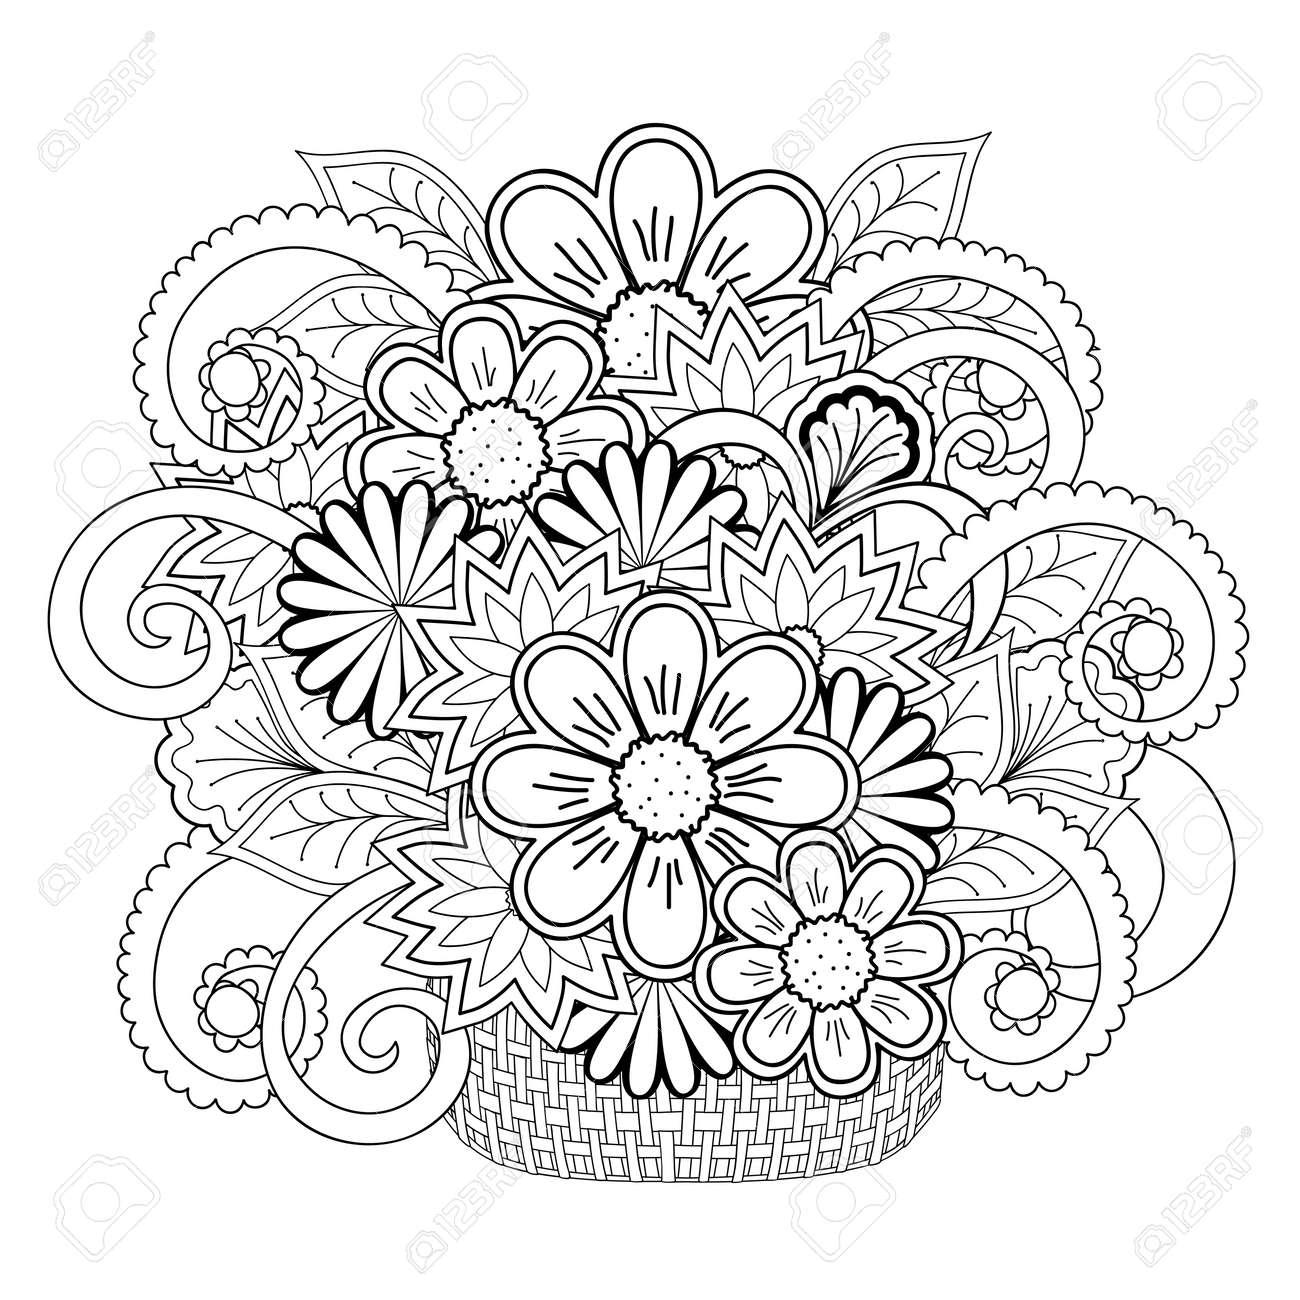 Impresión De La Mano En Blanco Y Negro Dibujado Con Flores De ...